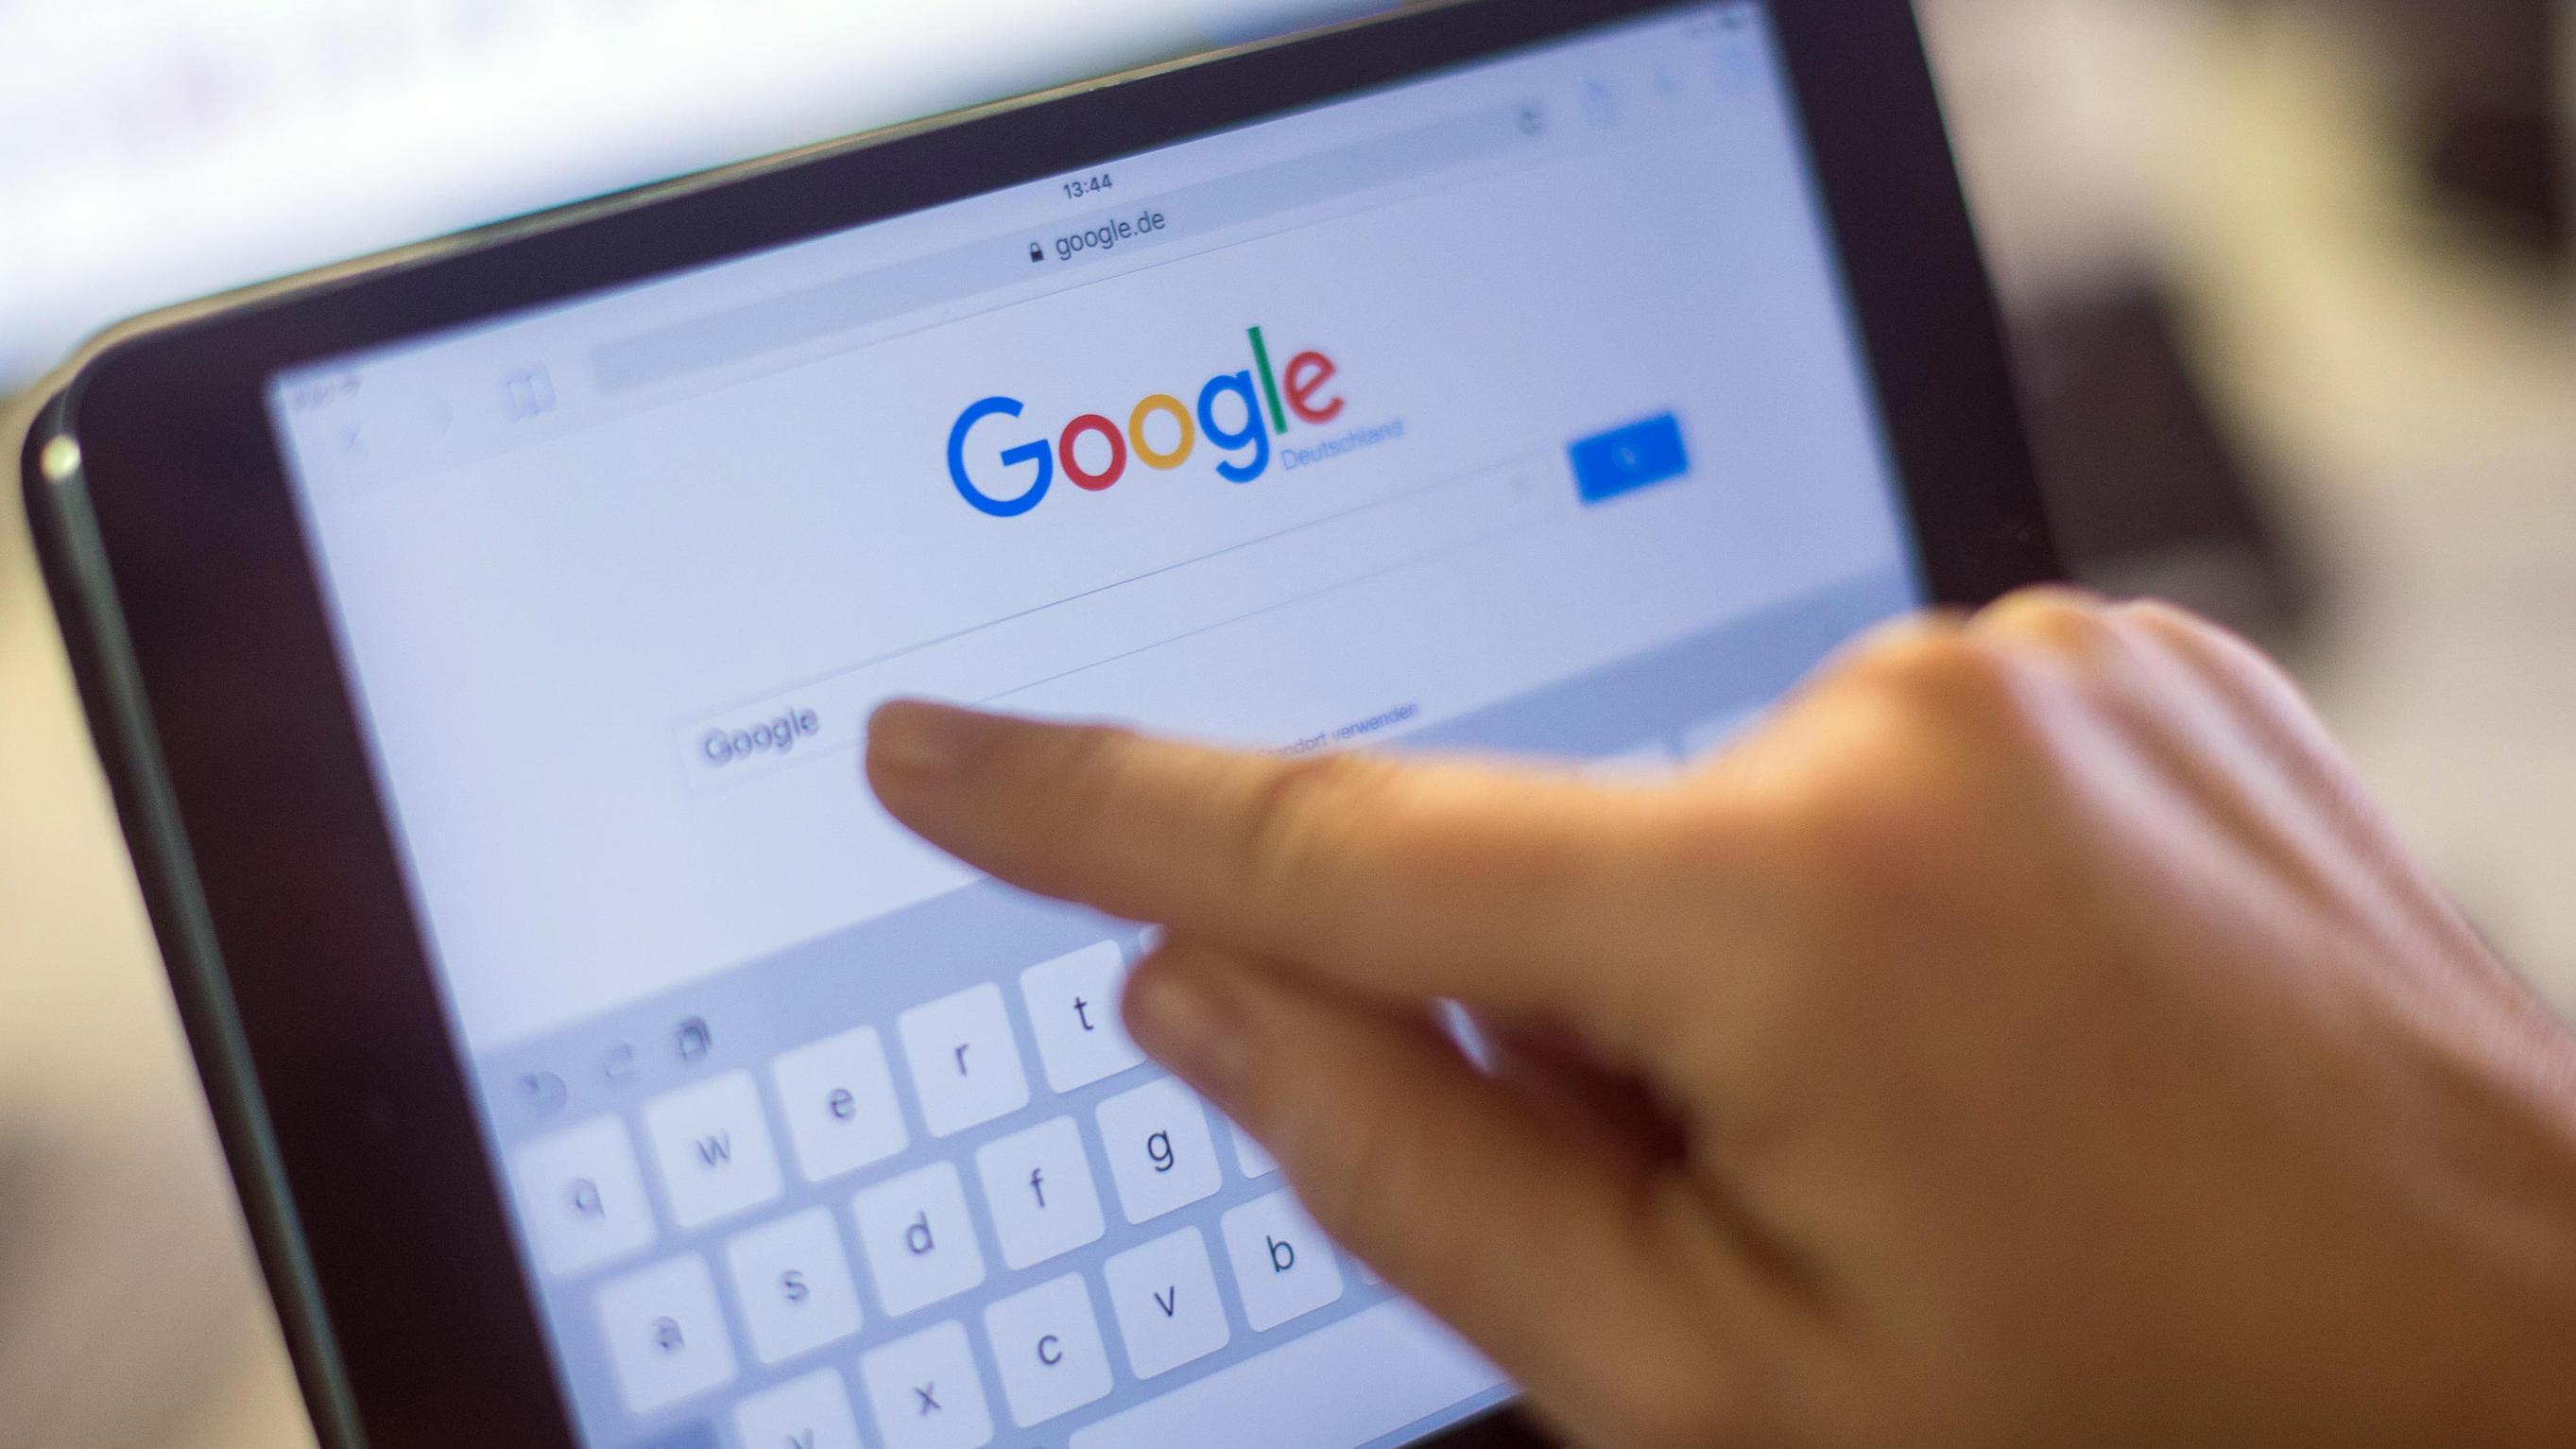 Suchmaschinen müssen Inhalte nicht vorab prüfen